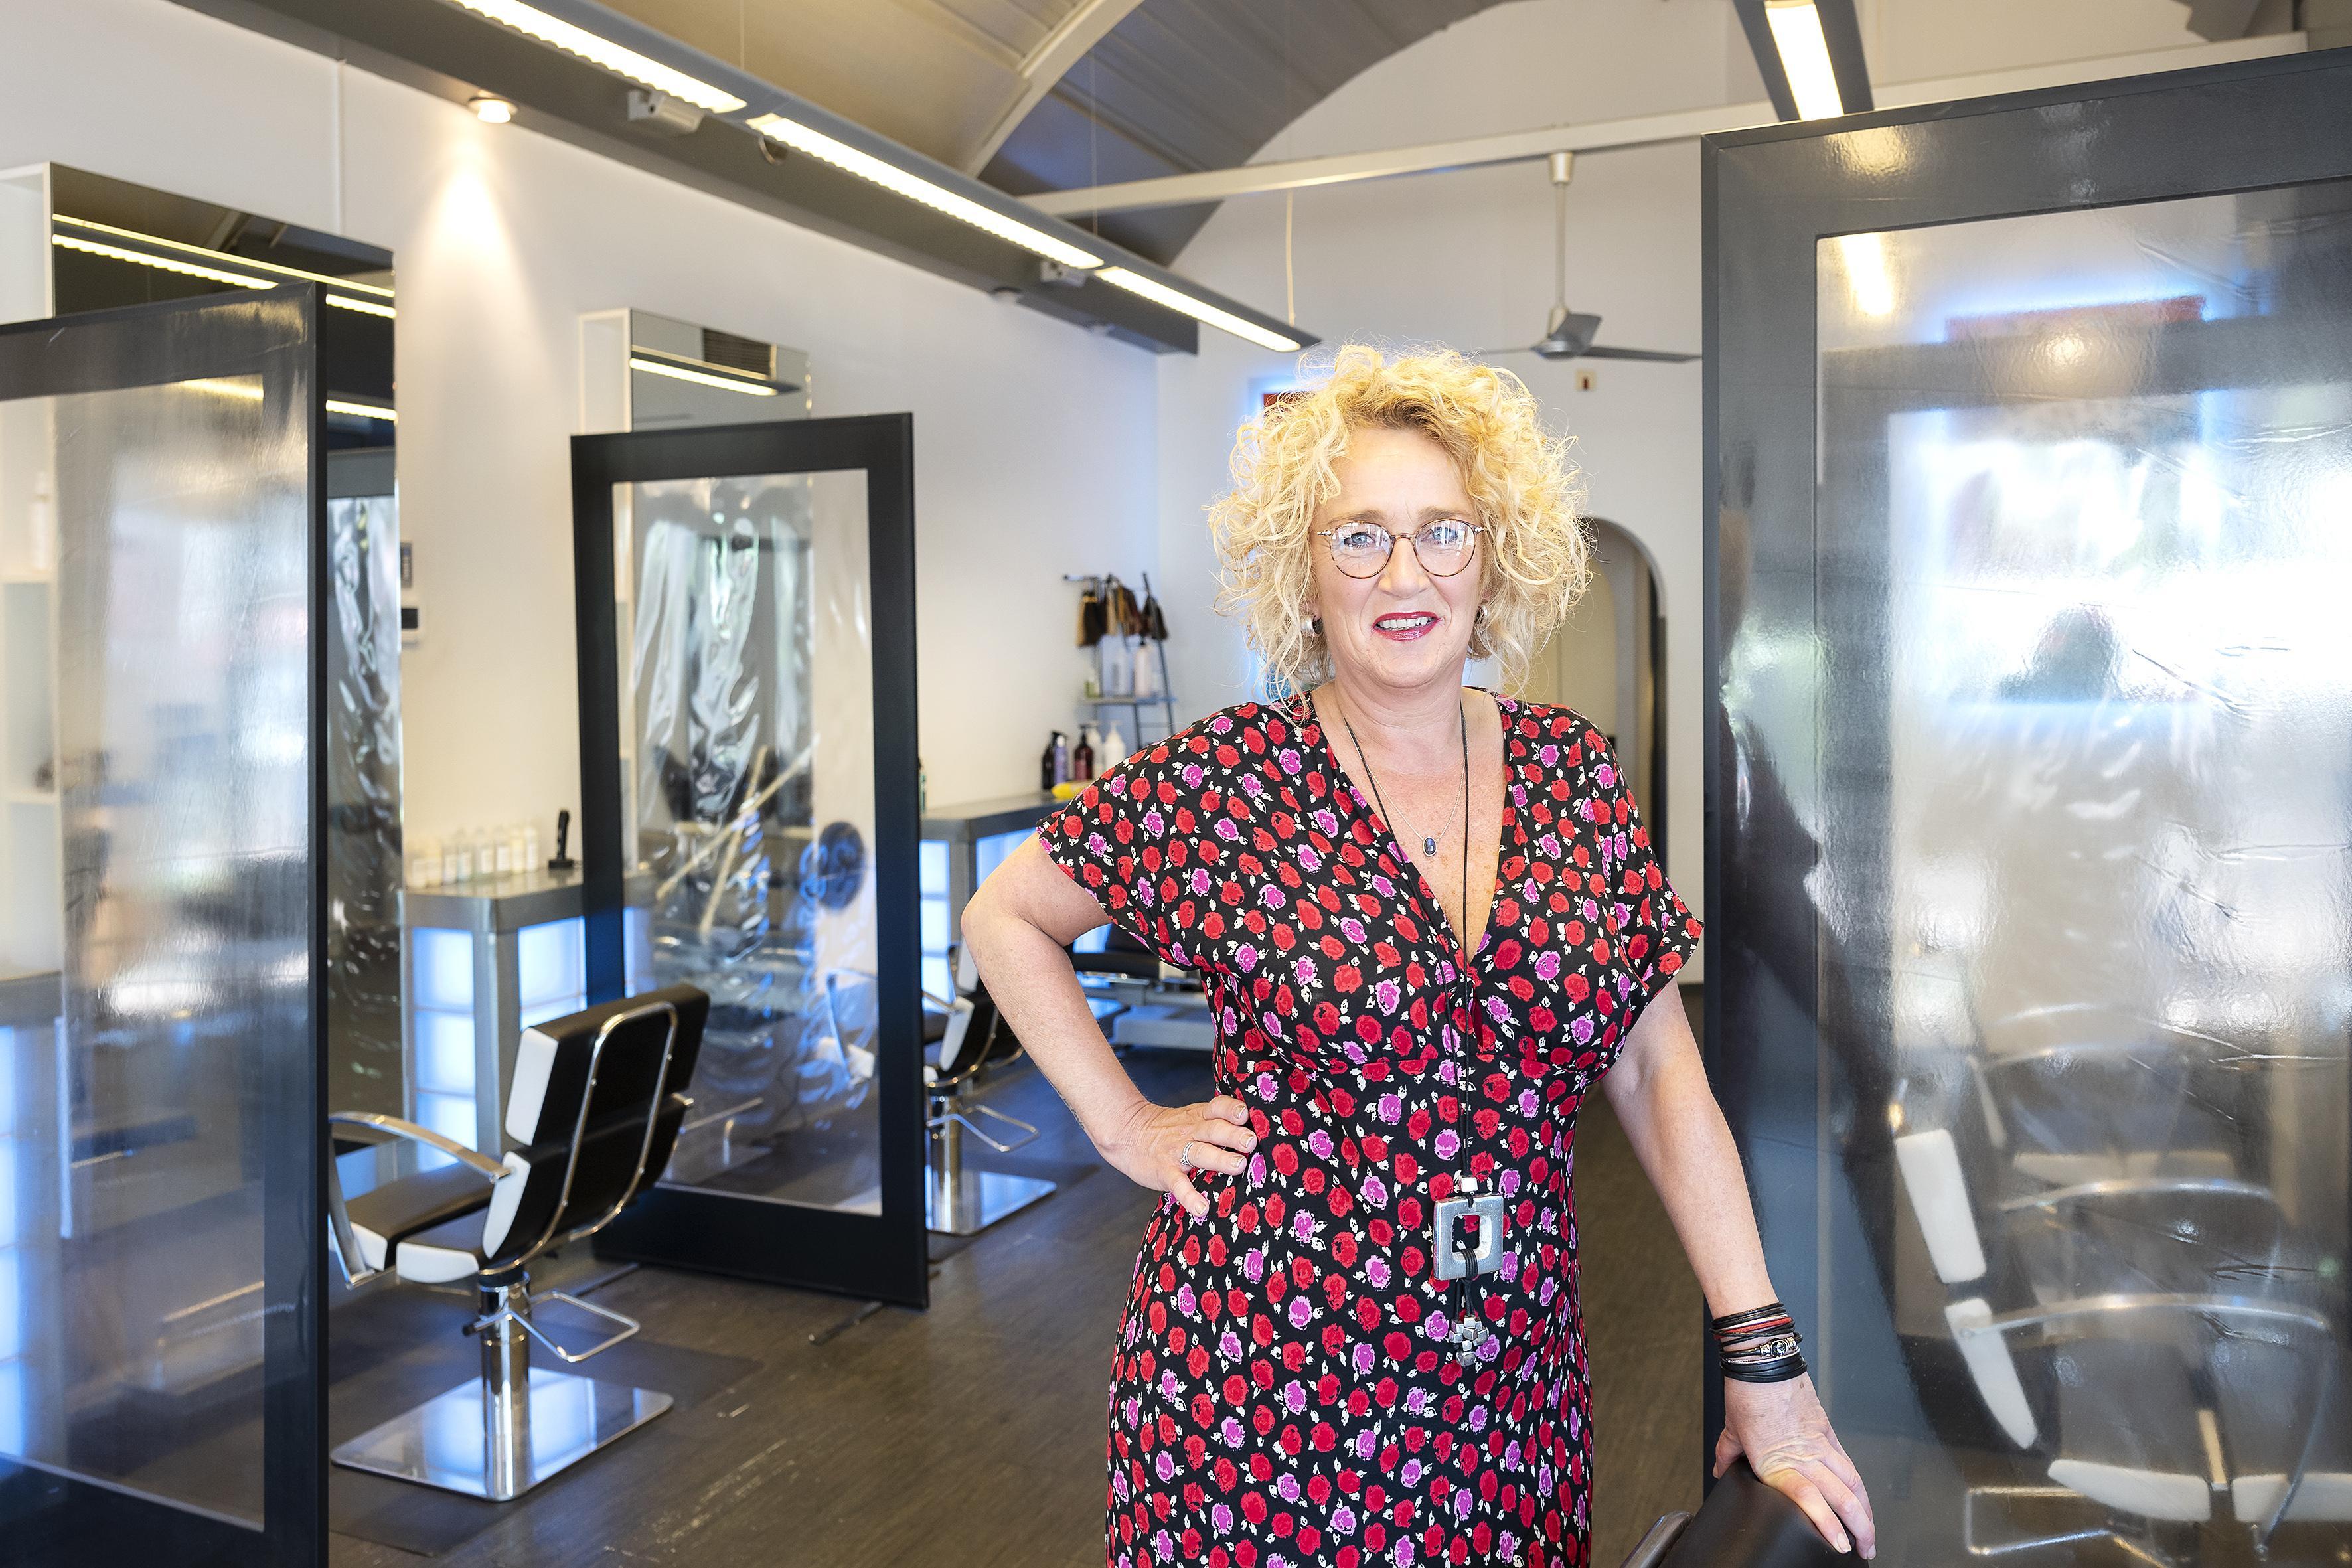 Angelique sluit de deuren van haar winkel in IJmuiden en gaat verder met de andere kapsalon in Santpoort-Zuid